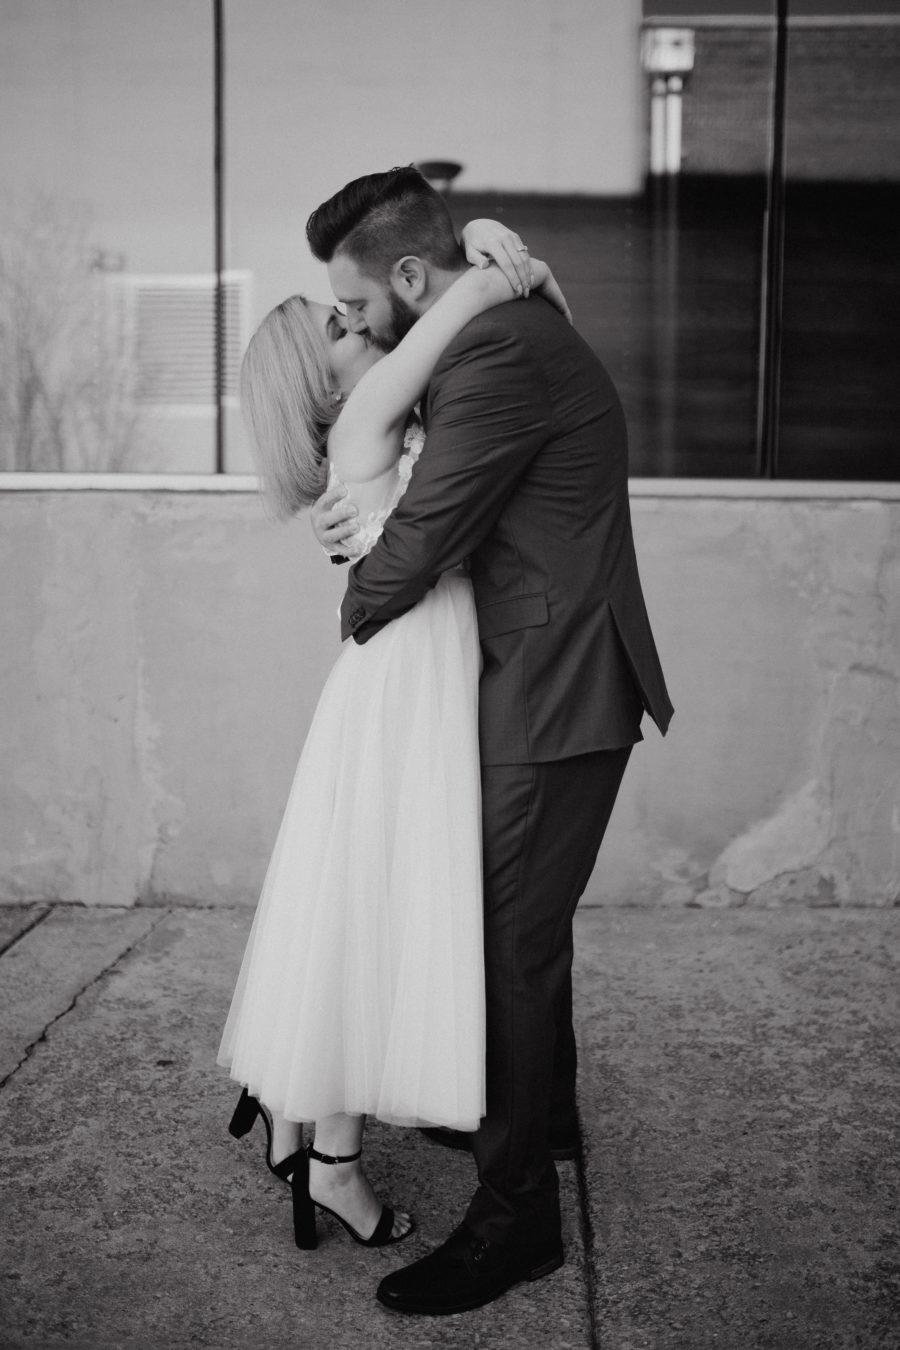 Black and white Nashville wedding photography: Nashville brunch elopement featured on Nashville Bride Guide